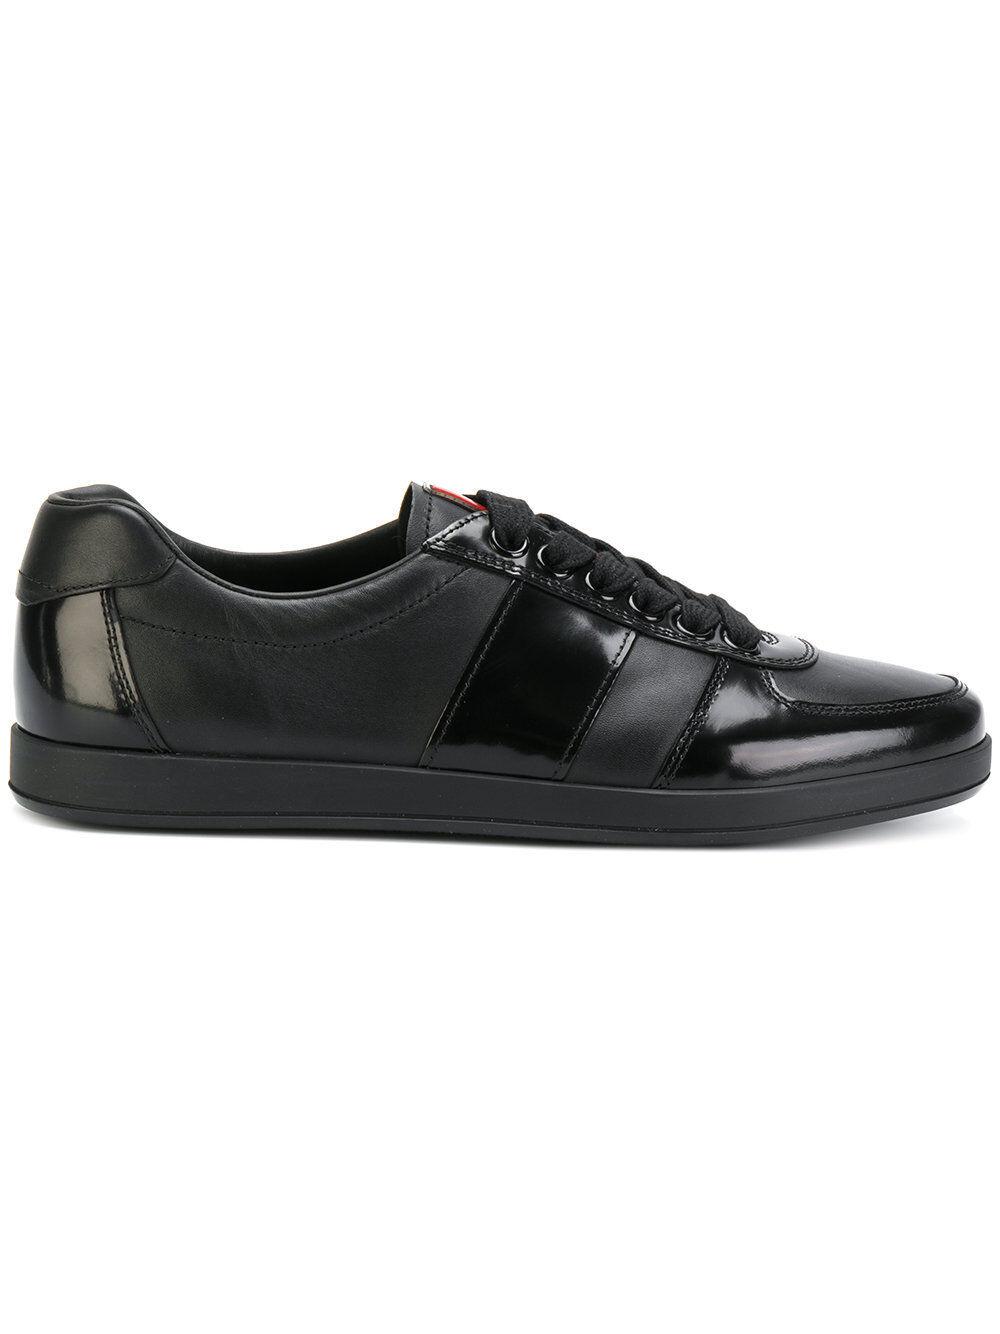 PRADA  Men's shoes SNEAKERS    мужская КРОССОВКИ  男鞋 紳士靴 100%Aut CI8